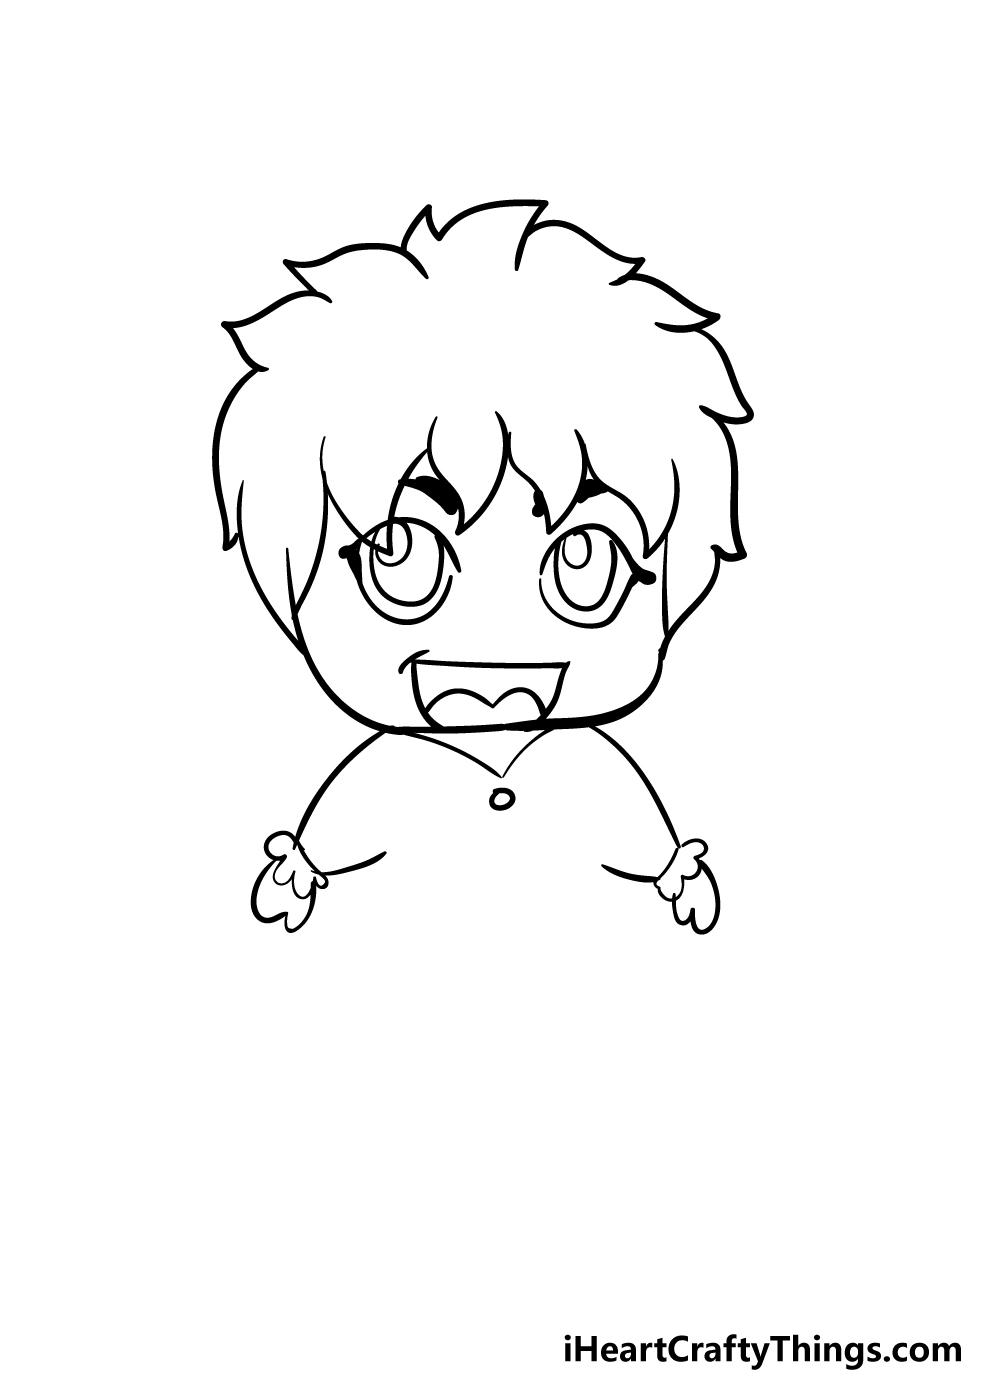 chibi drawing step 8